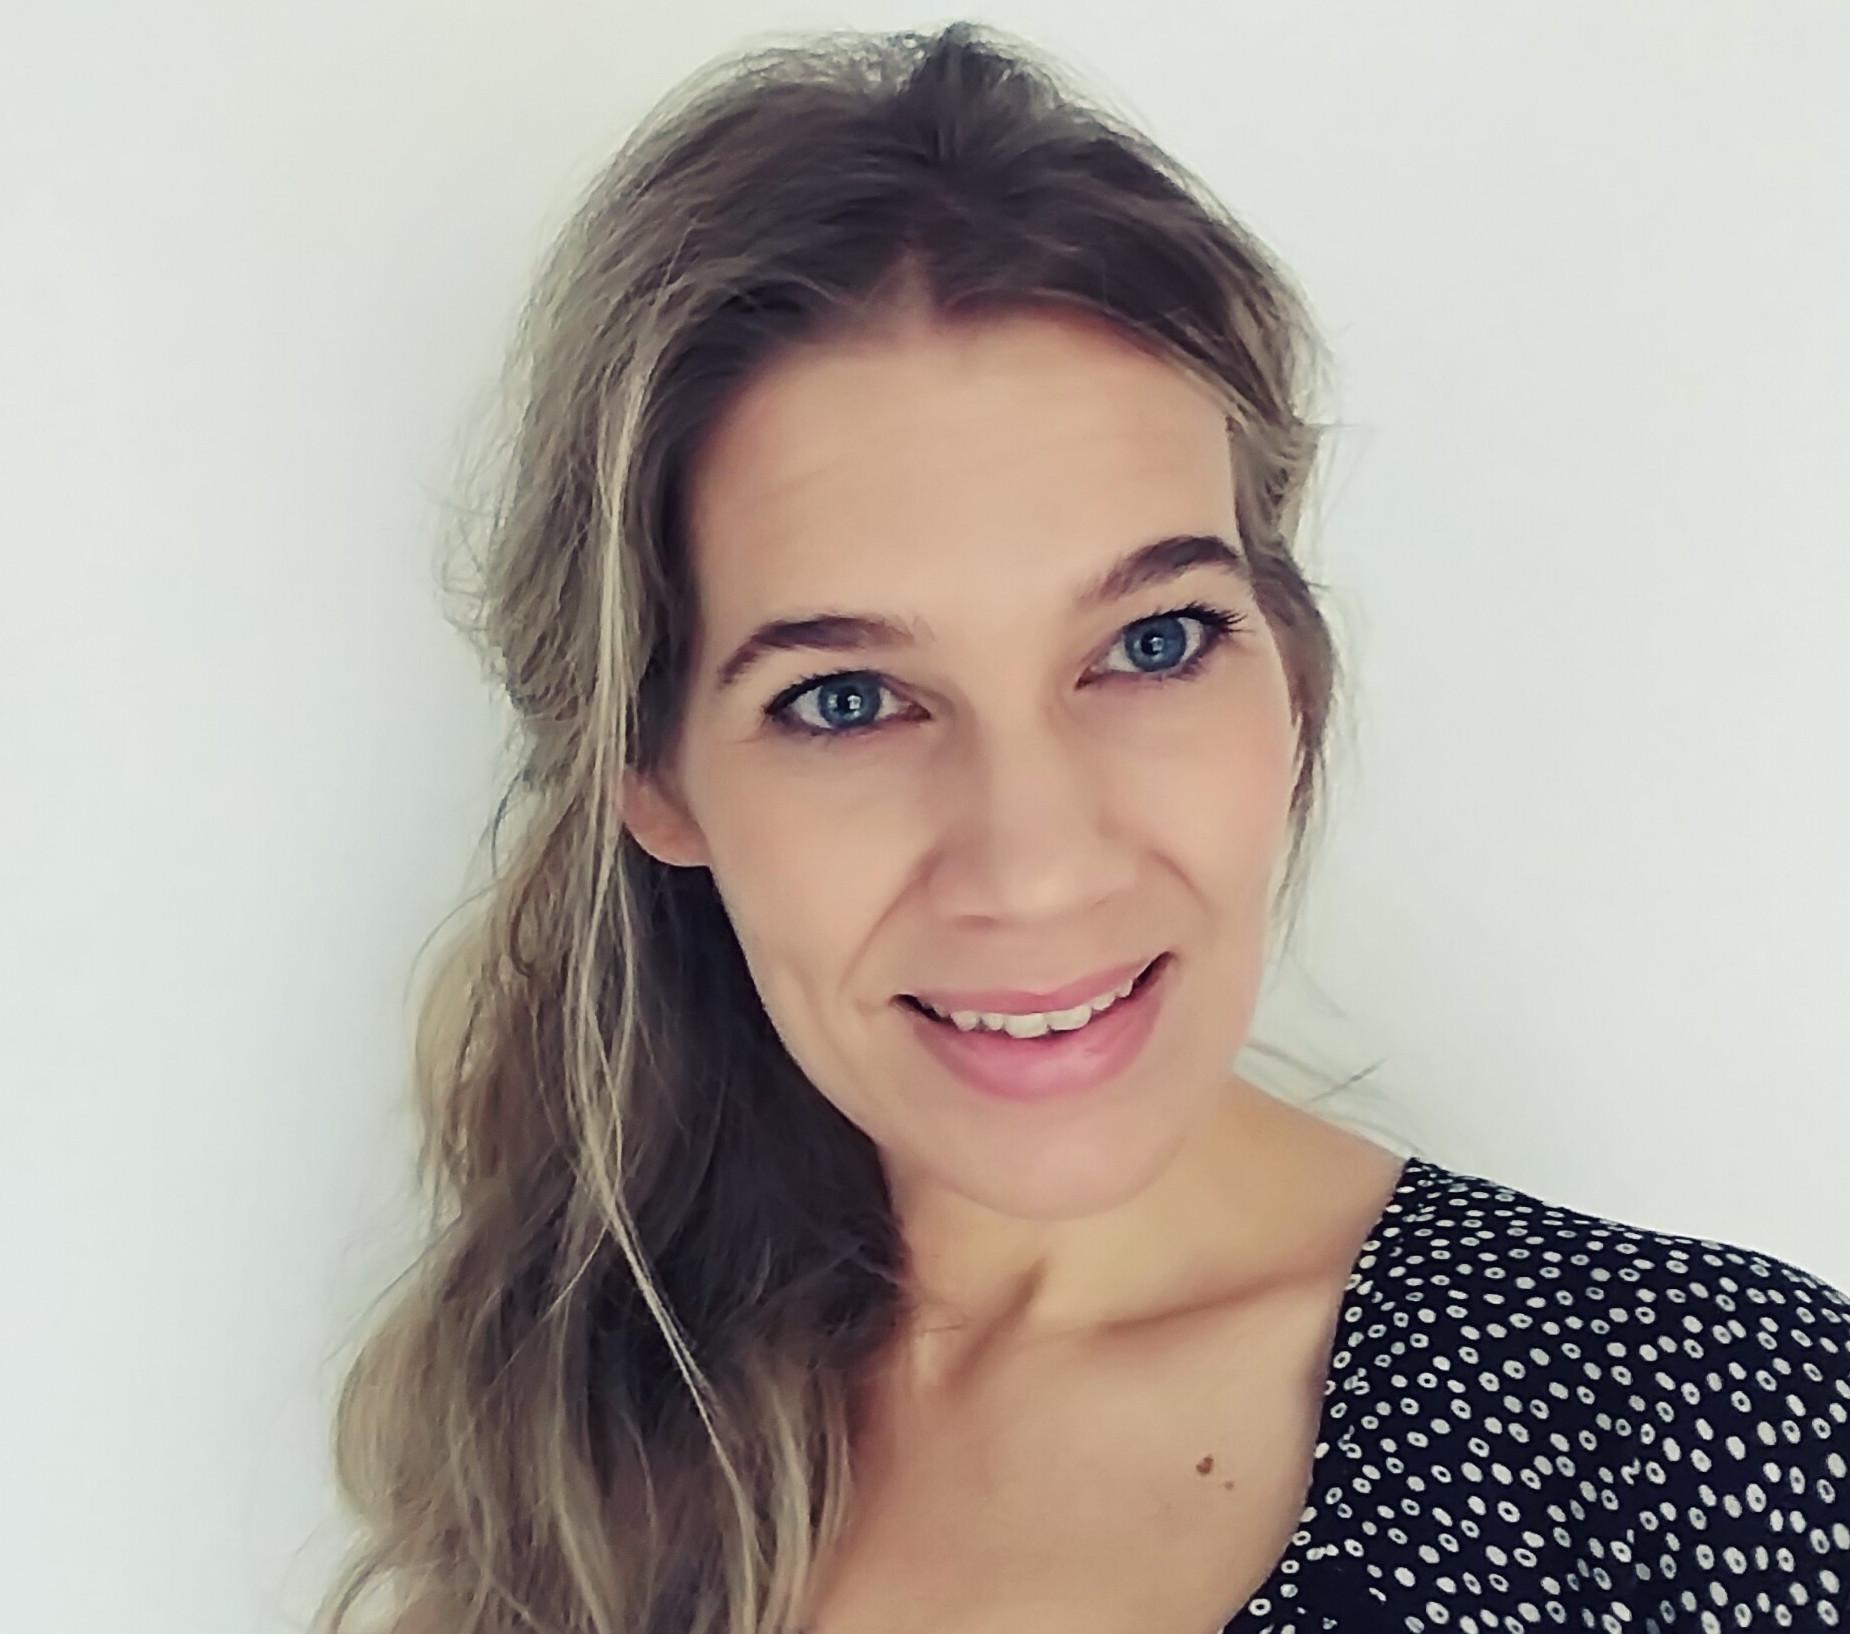 Esther van Opzeeland